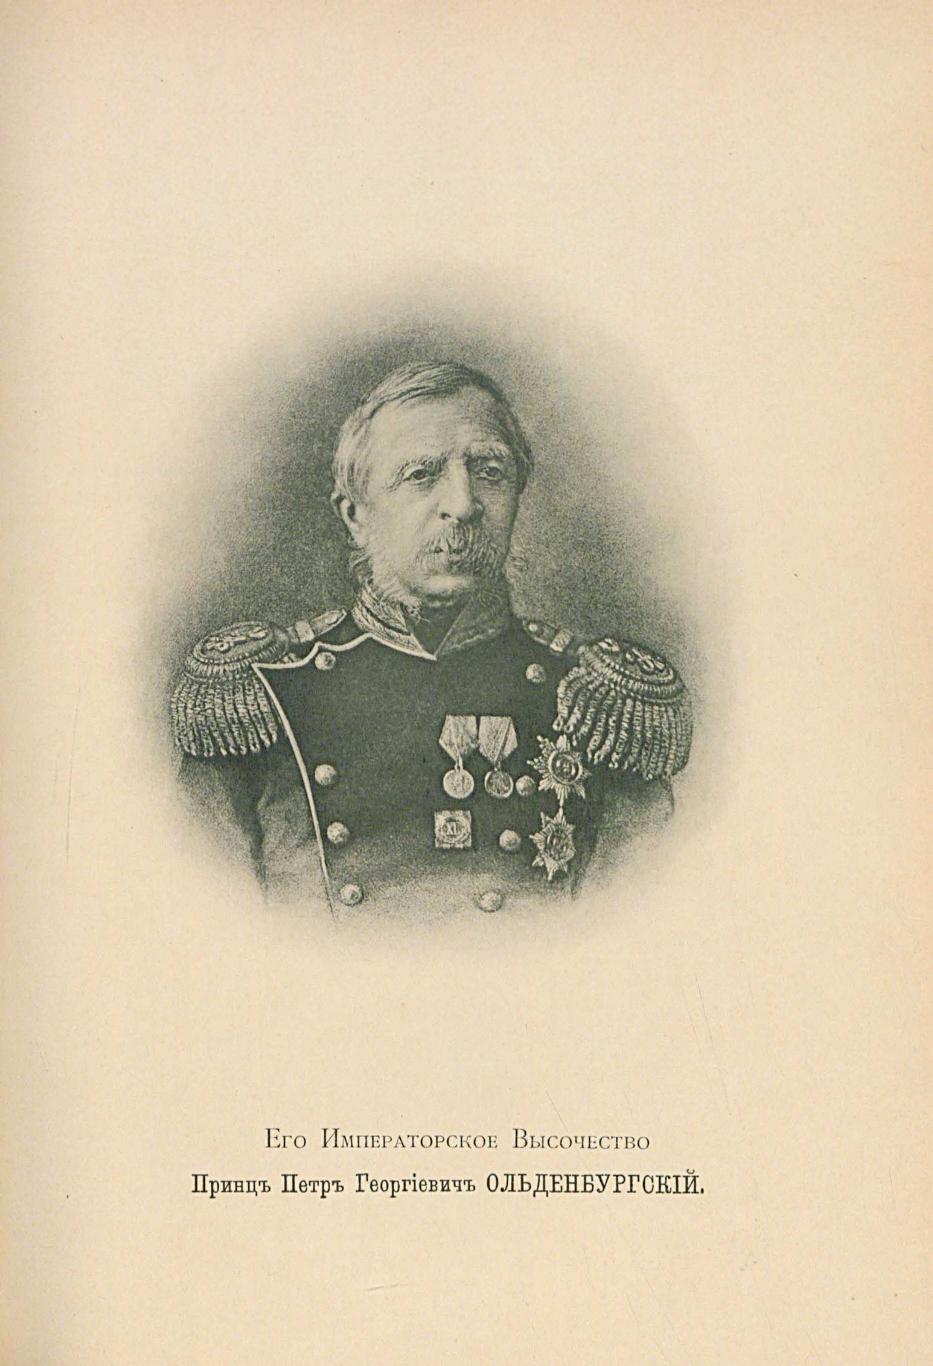 Его Императорское высочество Принц Петр Георгиевич Ольденбургский